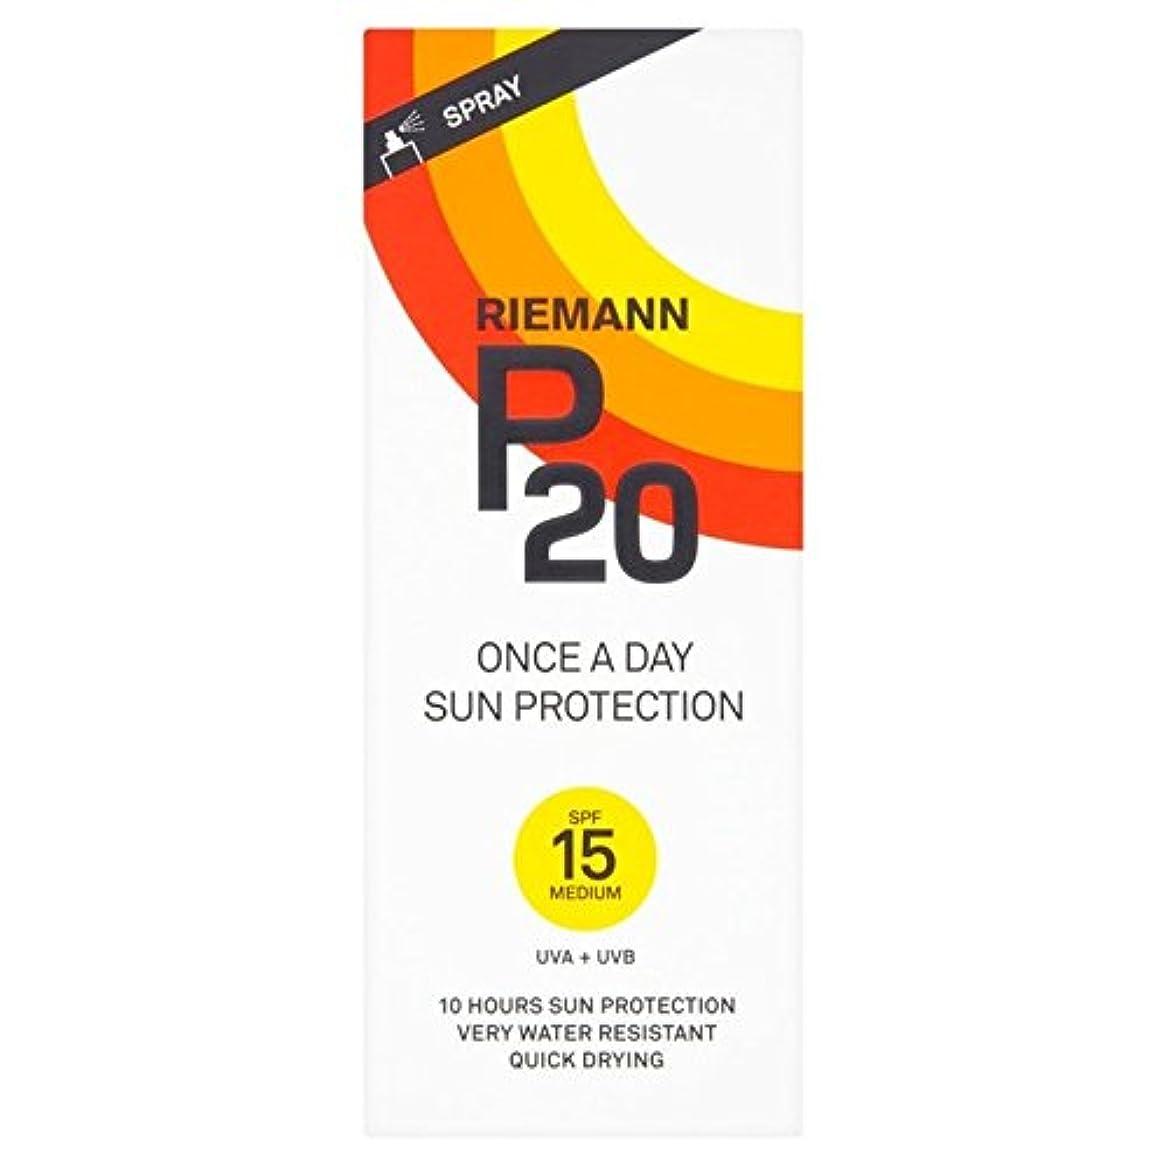 北西エスカレート時間厳守Riemann P20 SPF15 1 Day/10 Hour Protection 200ml - リーマン20 15 1日/ 10時間の保護200ミリリットル [並行輸入品]